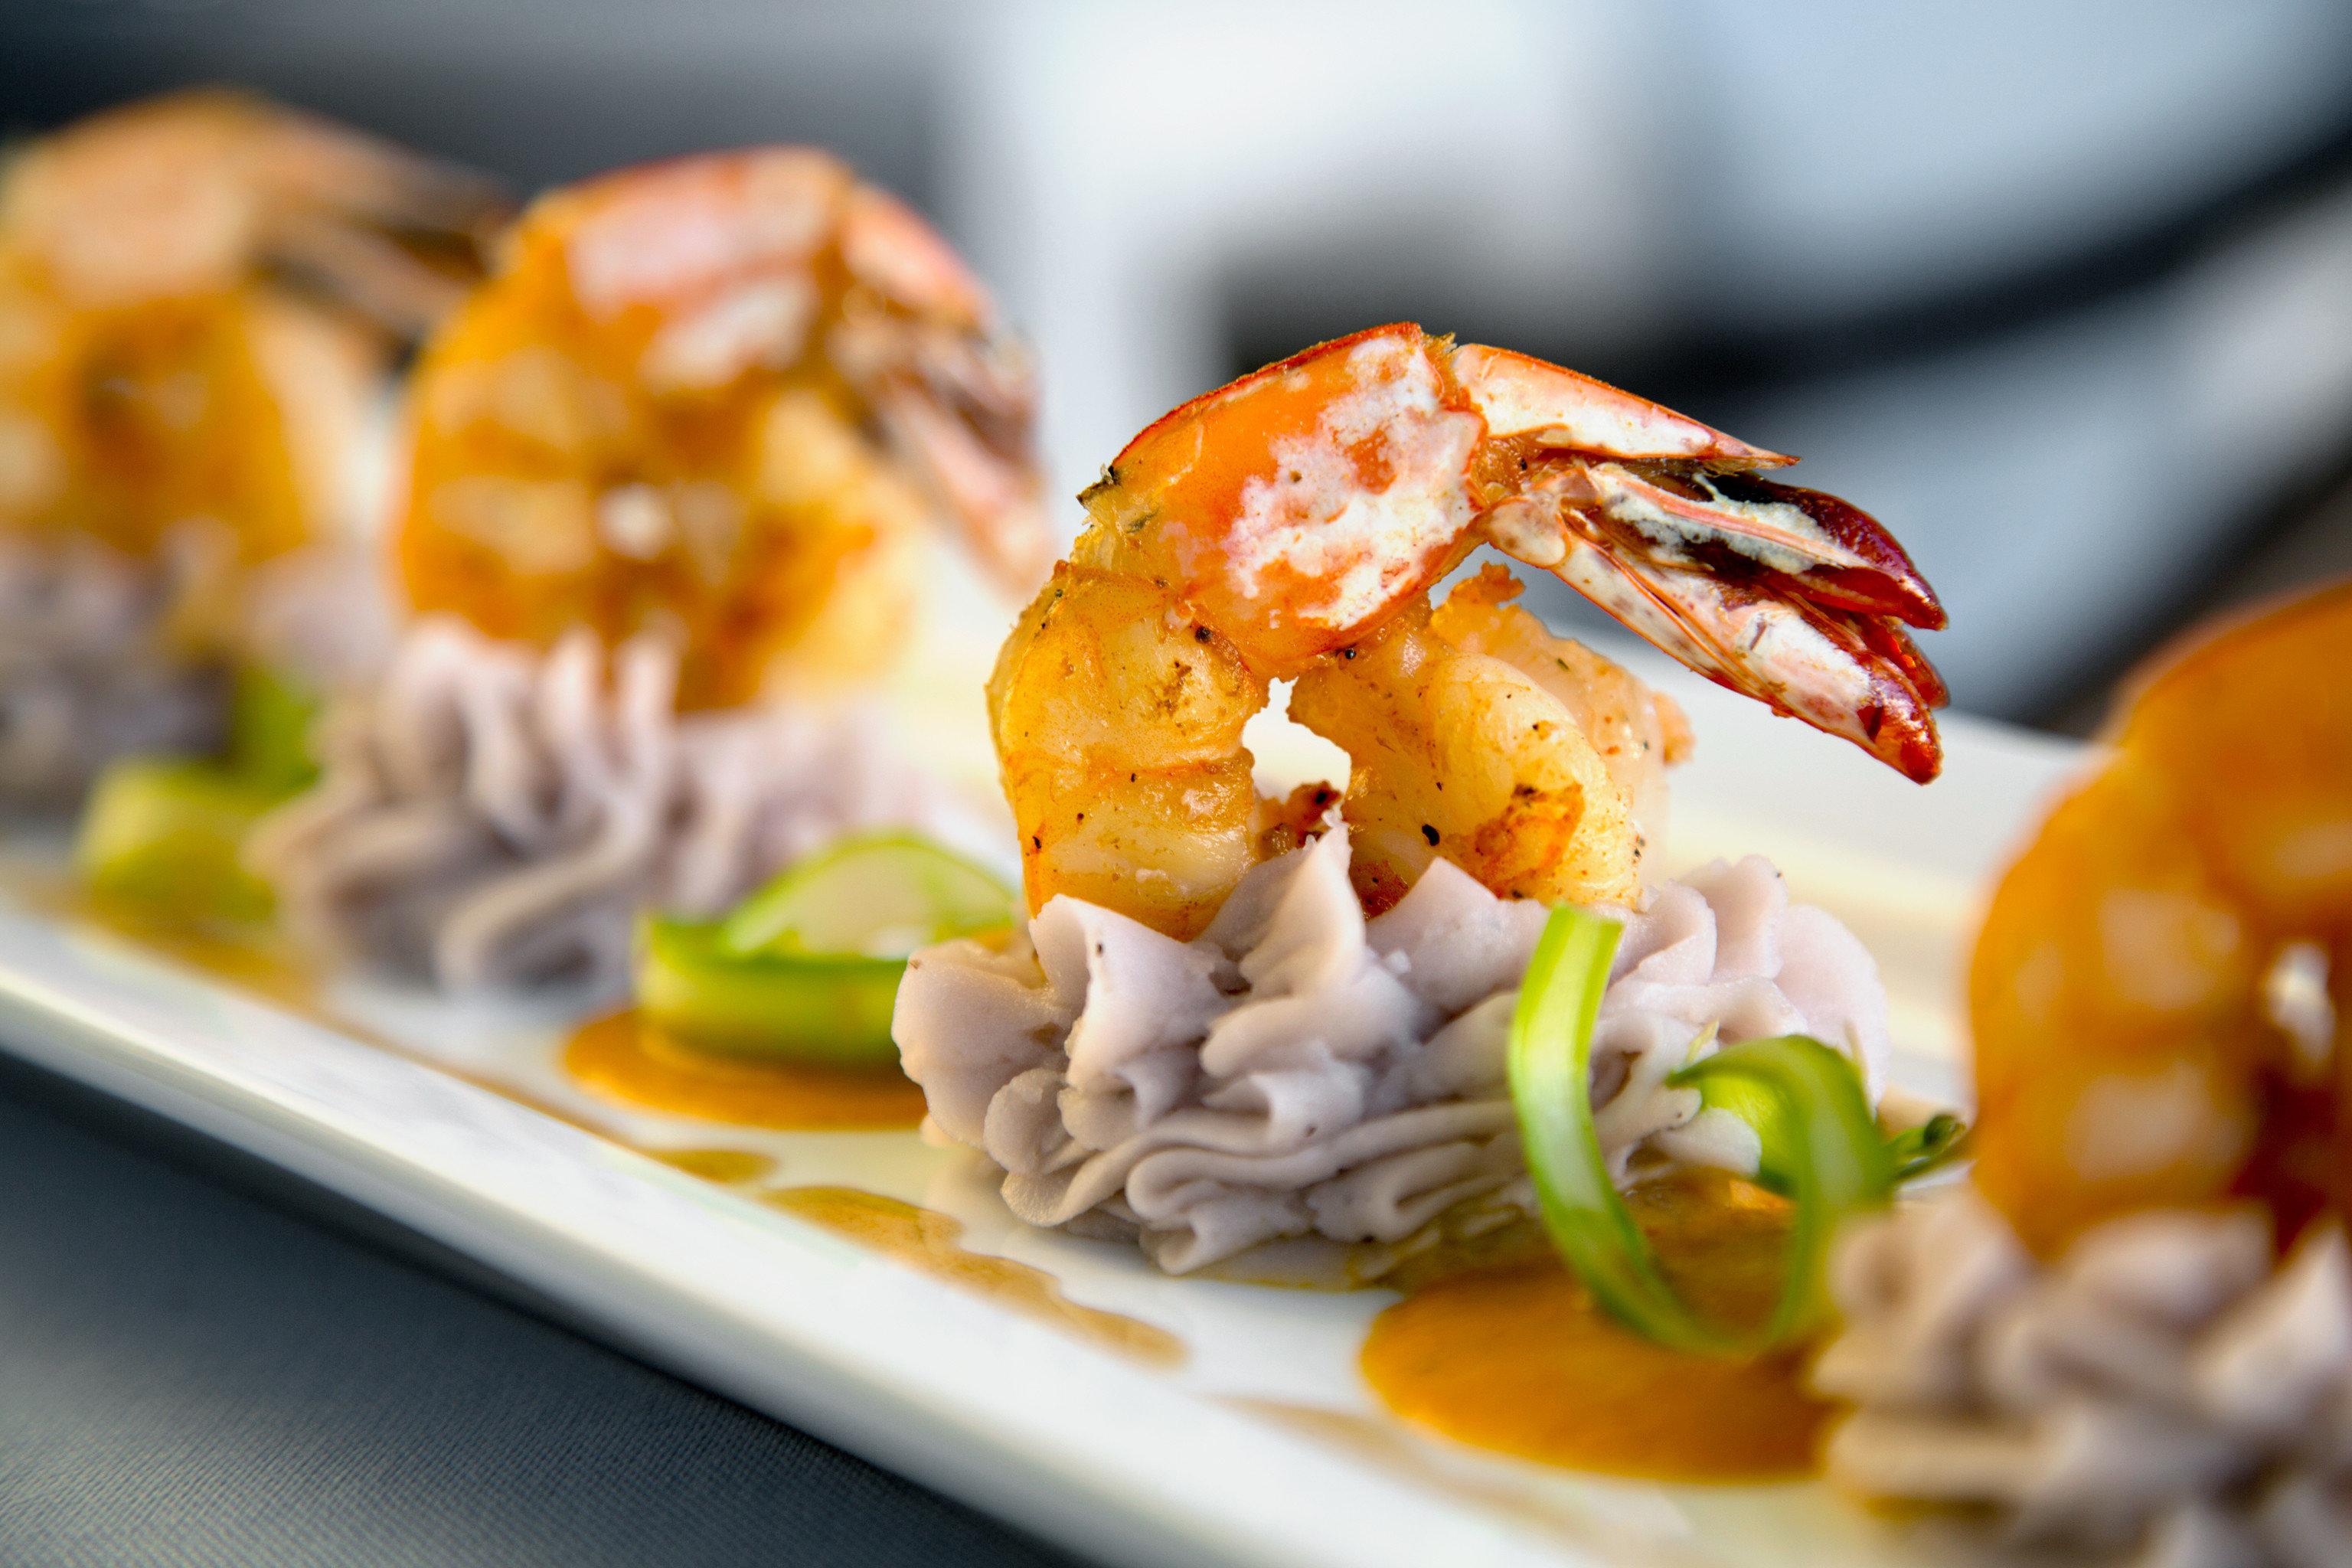 food plate cuisine Seafood asian food thai food shrimp invertebrate close